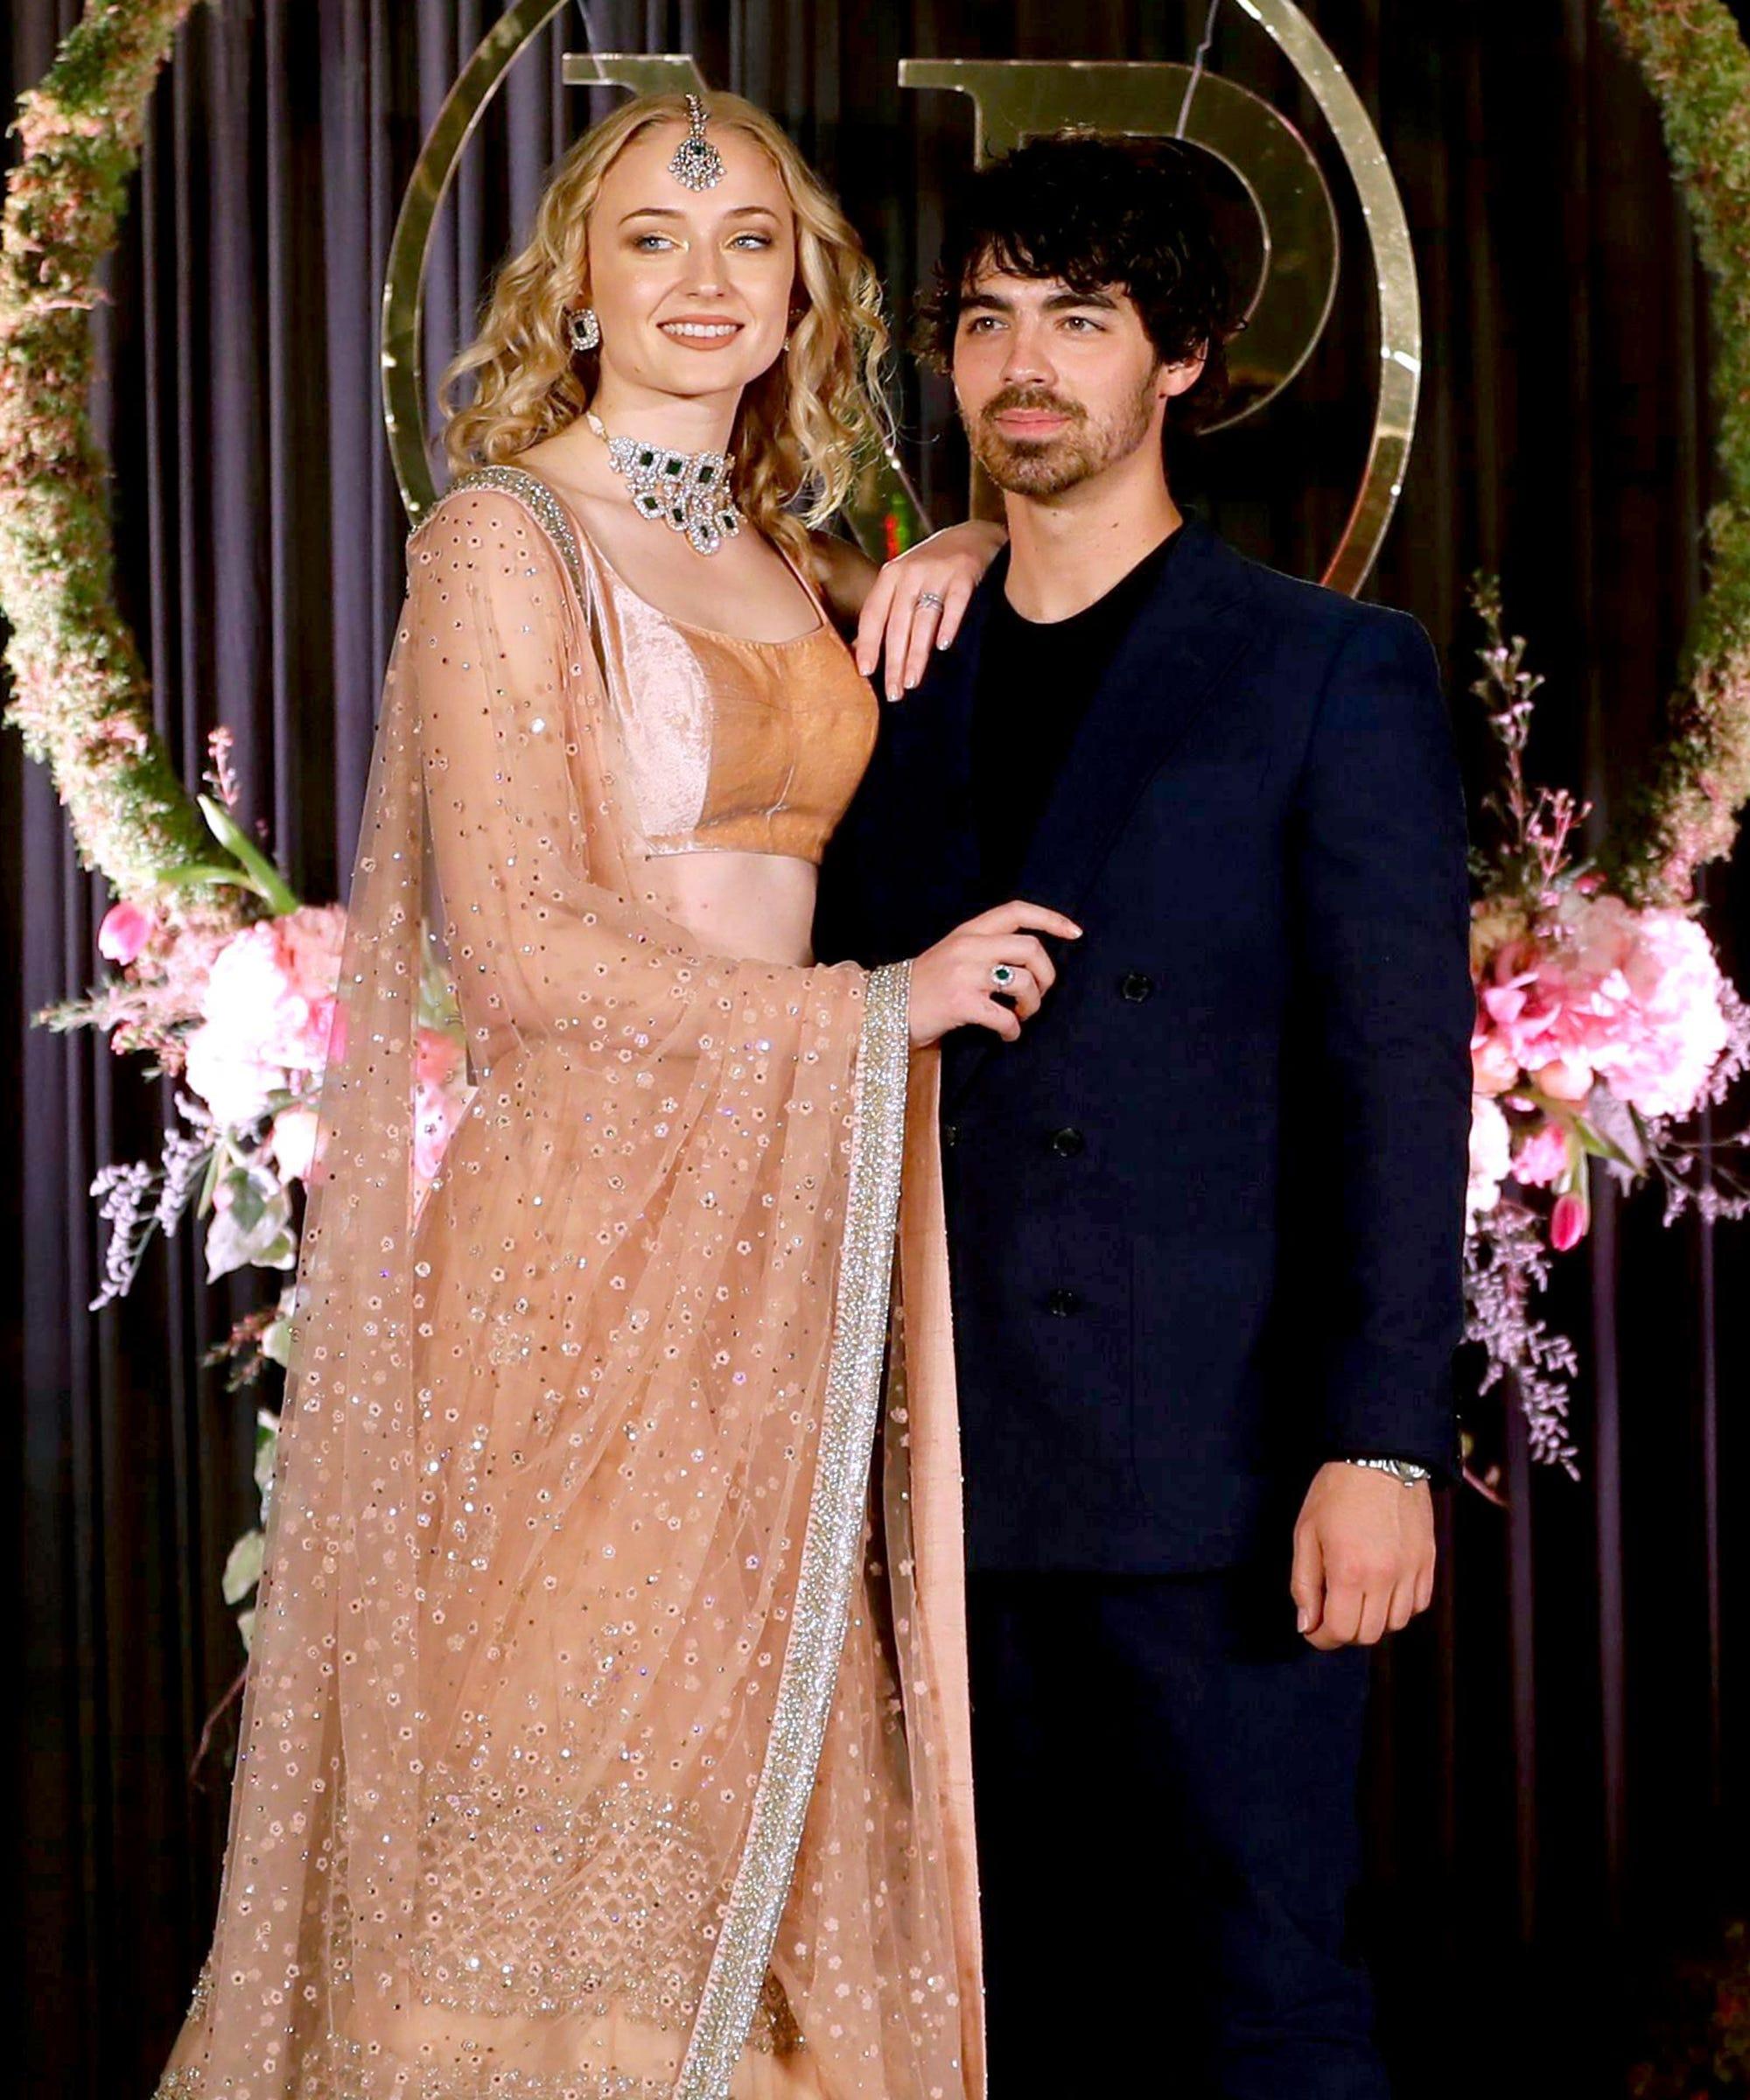 Joe Jonas Sophie Turner Wedding Date Details